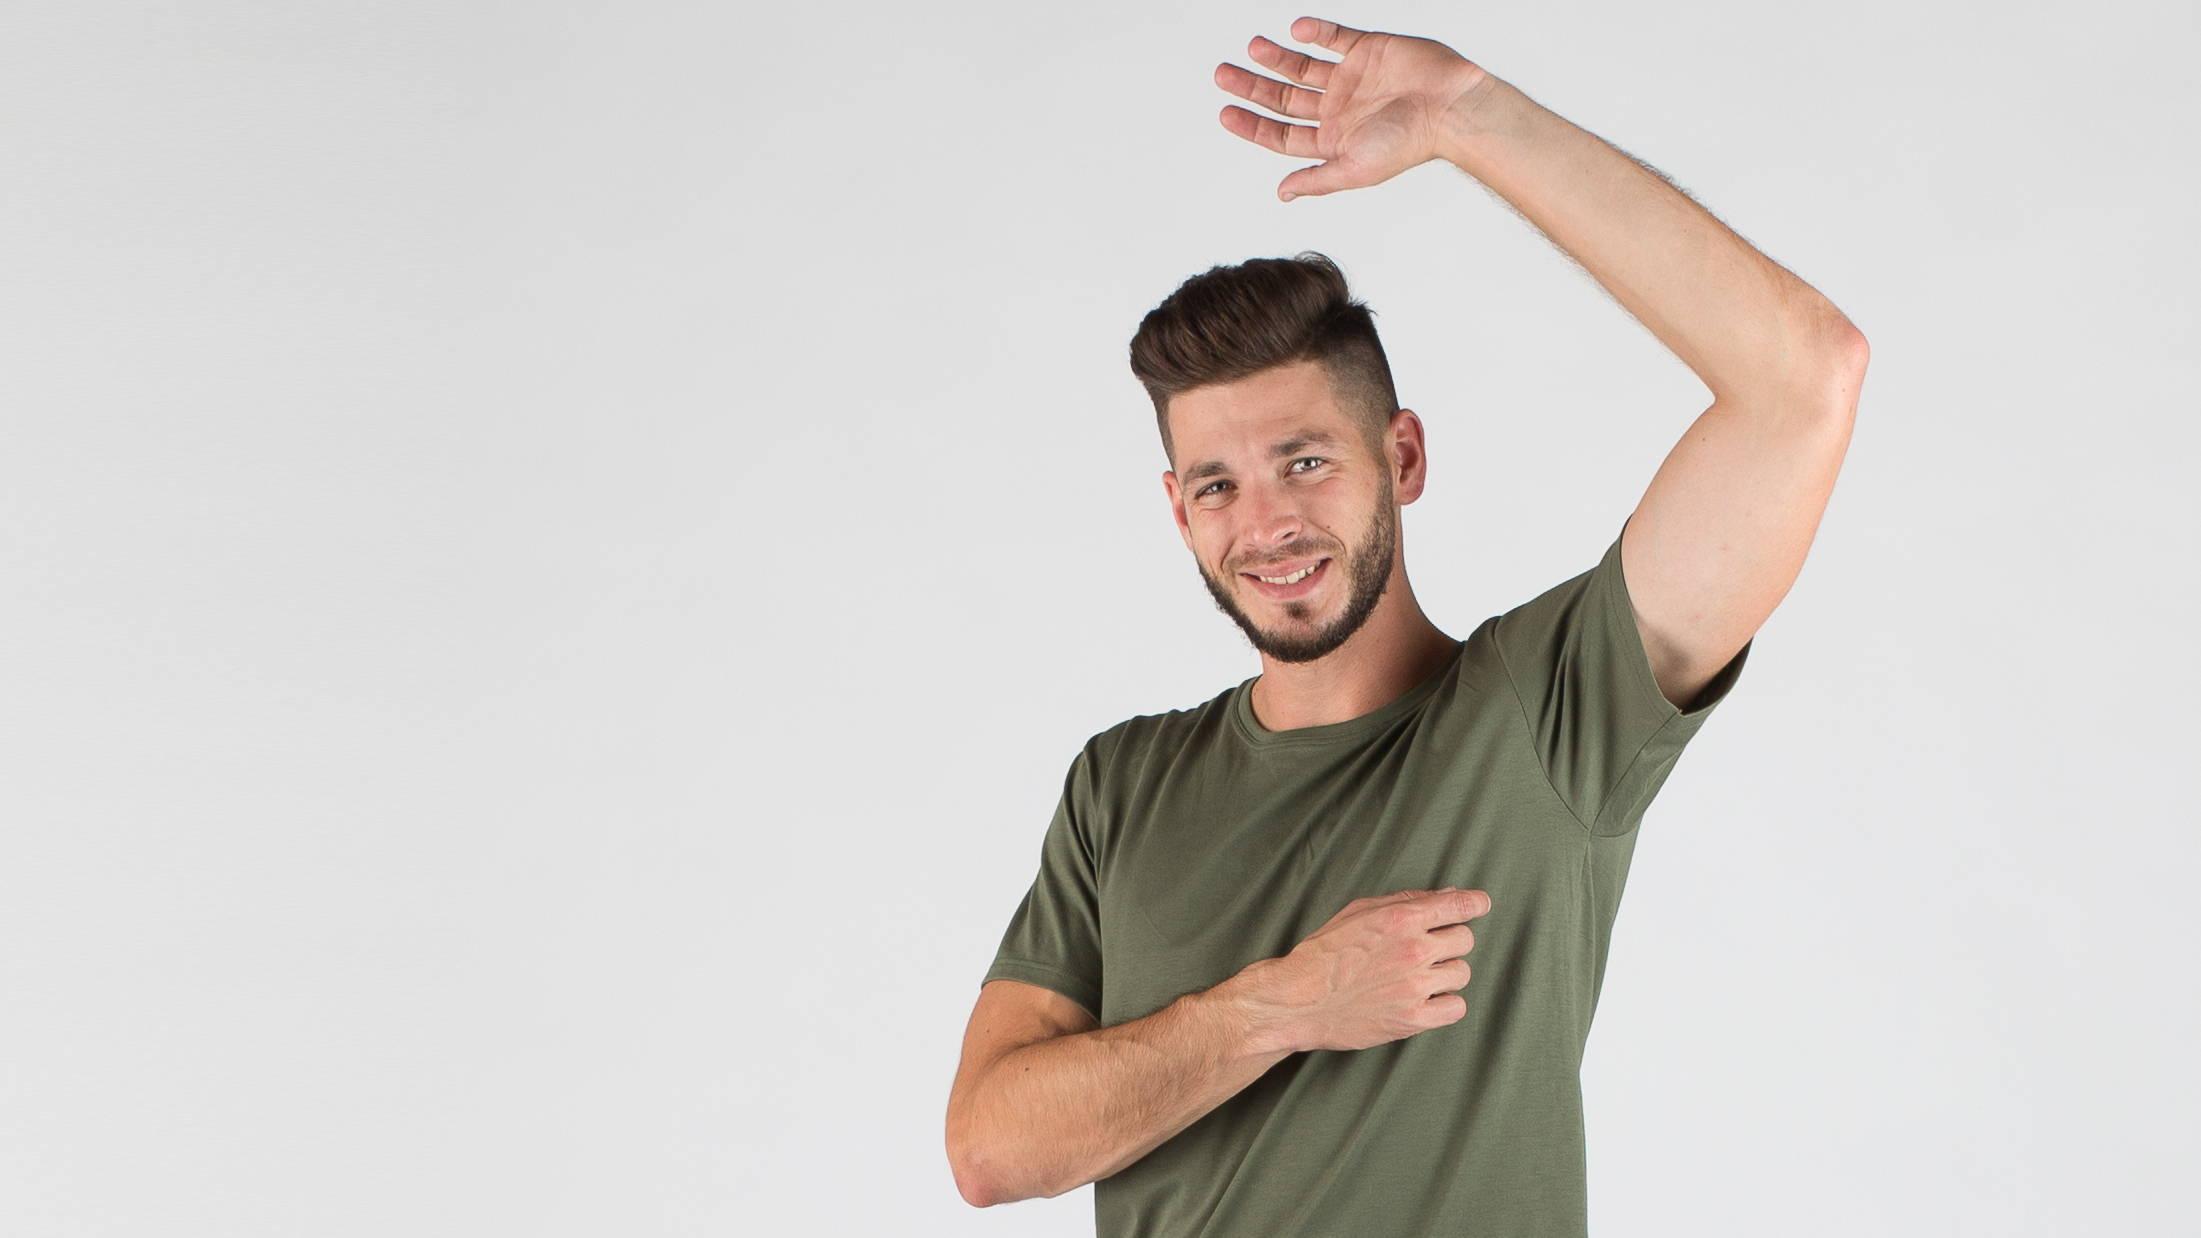 Einzigartige T-Shirts, die keinen Schweiß zeigen. Perfekte Lösung bei Schweißproblemen. Umweltfreundliche Herstellung der Kleidung.